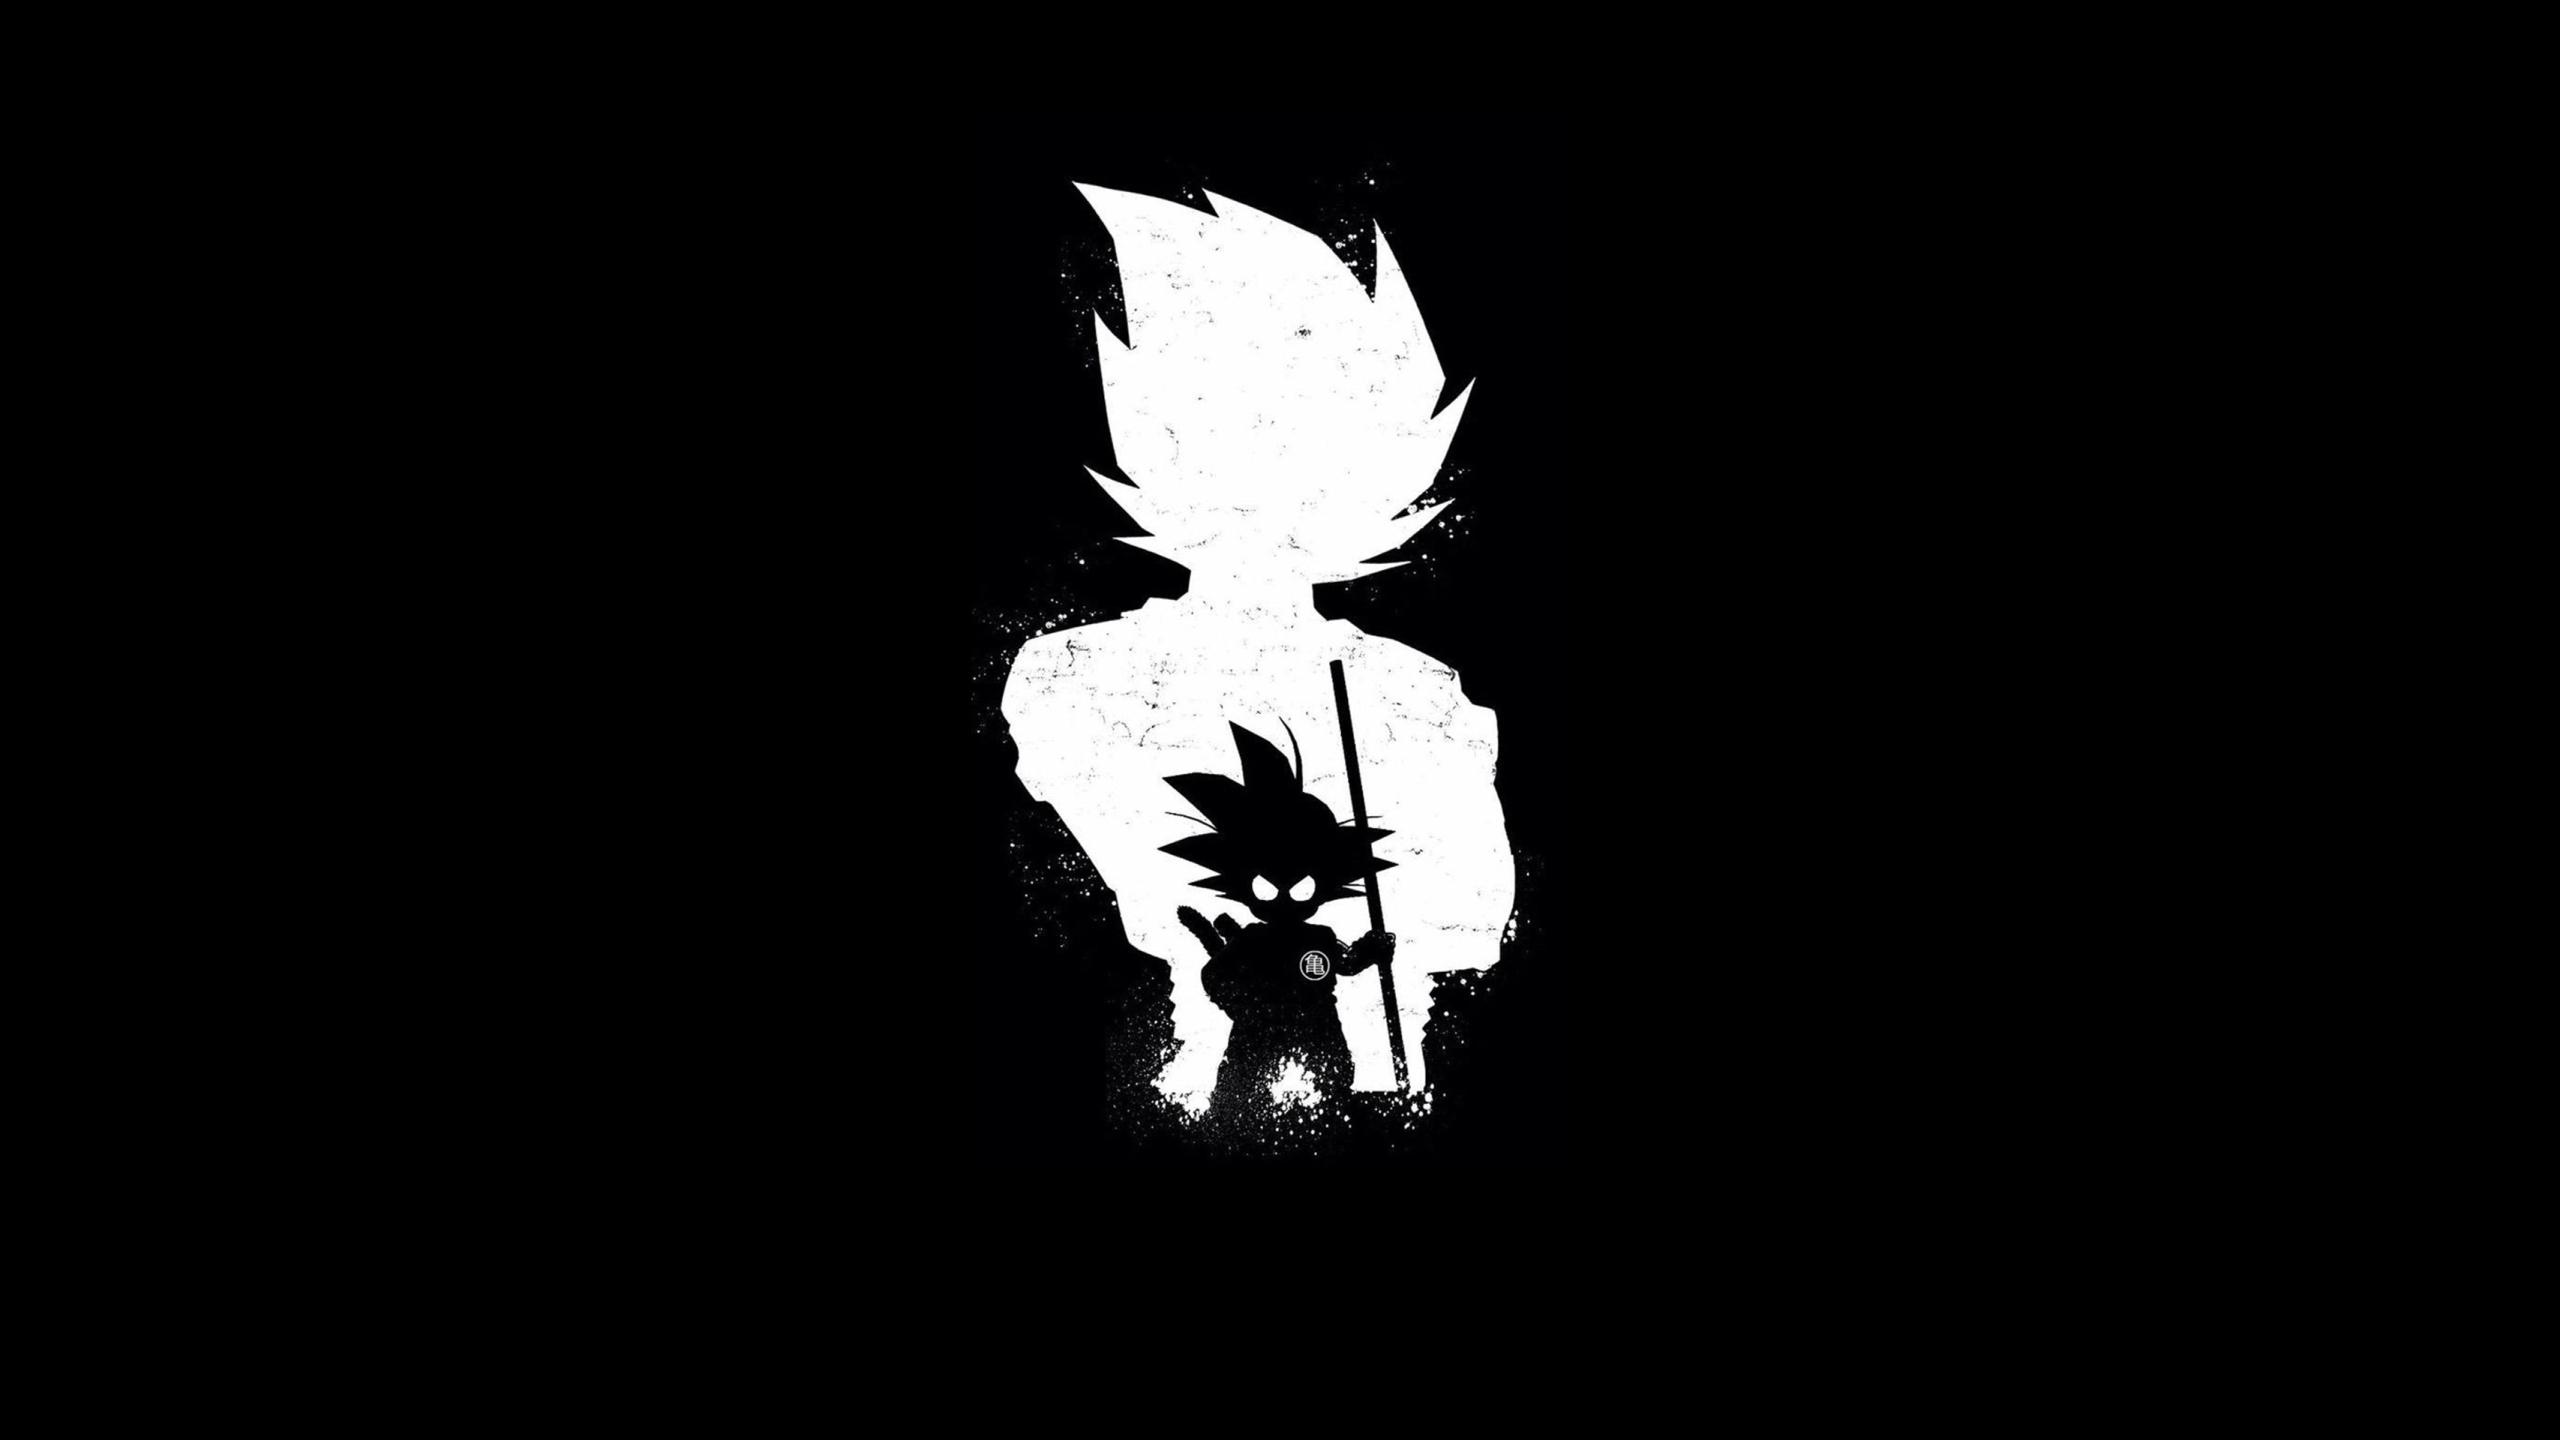 Goku Anime Dark Black, HD 4K Wallpaper